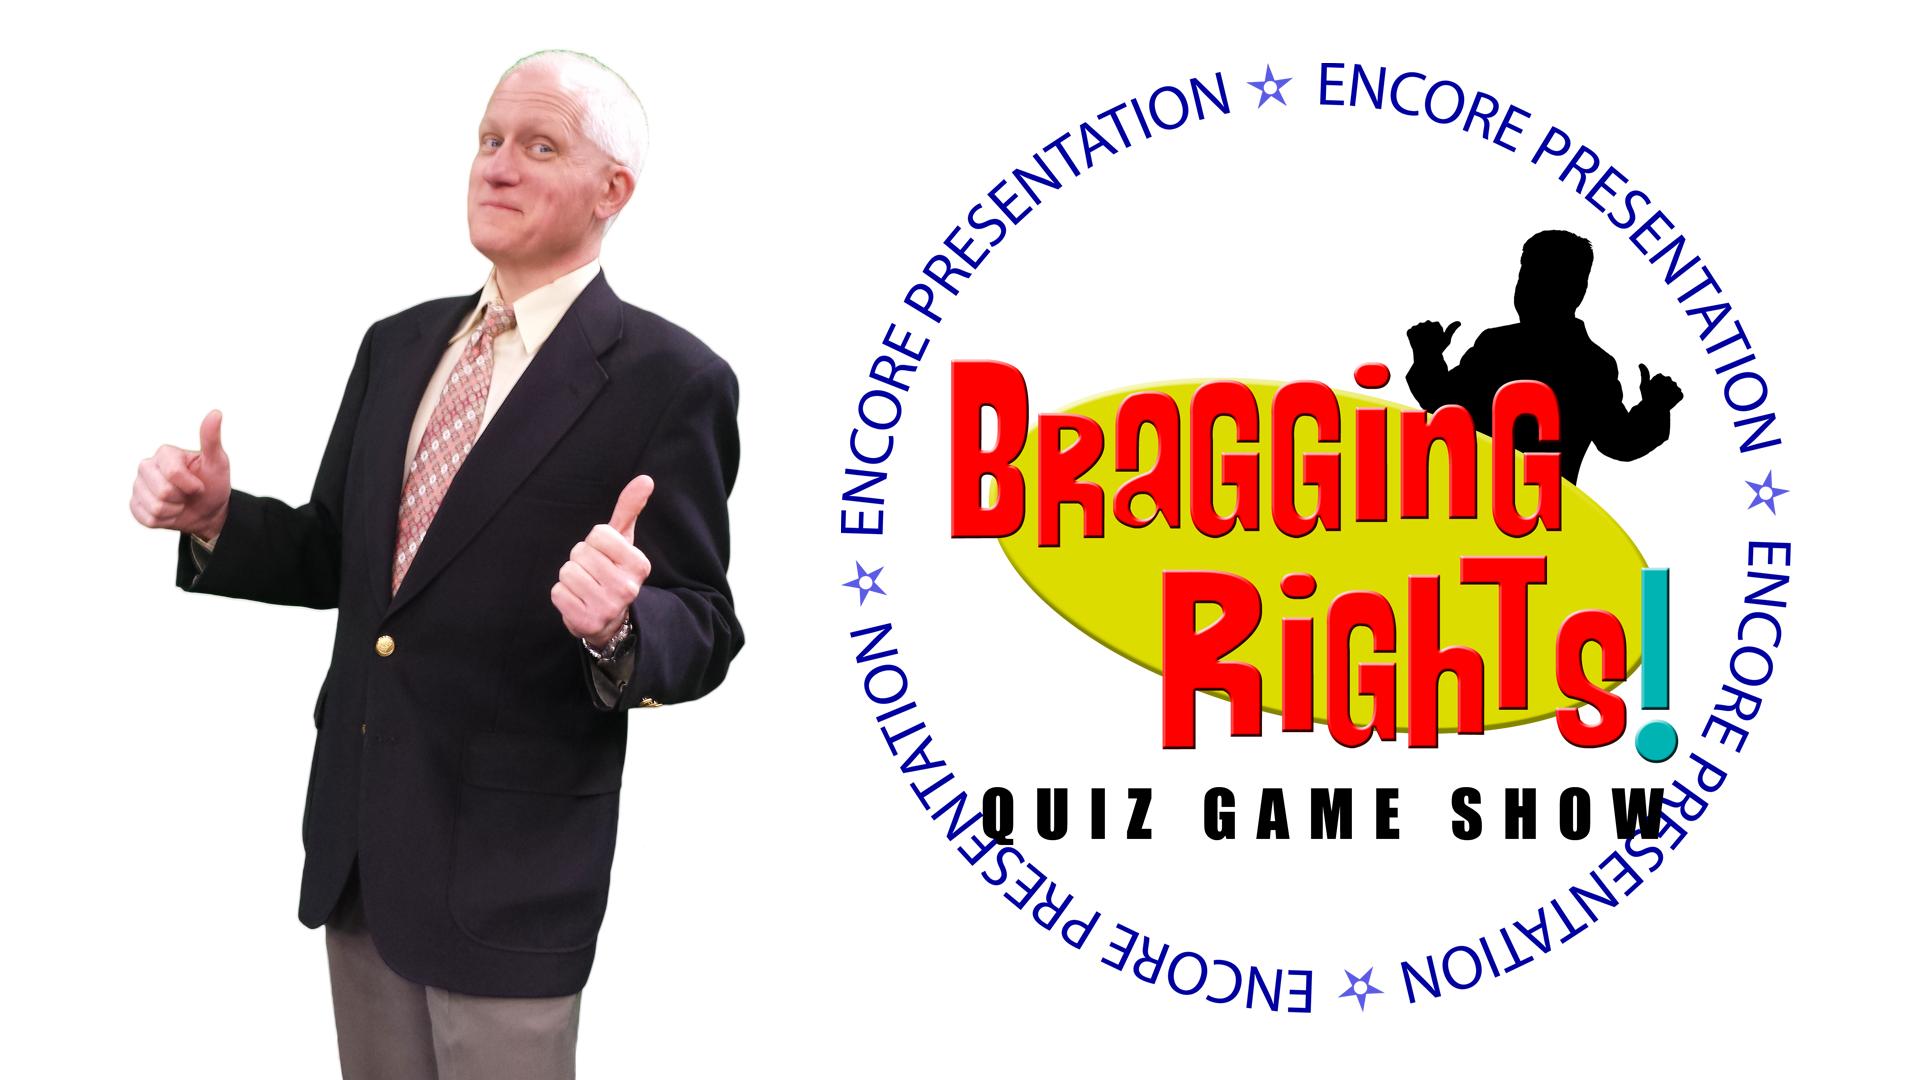 Bragging Rights! Encore